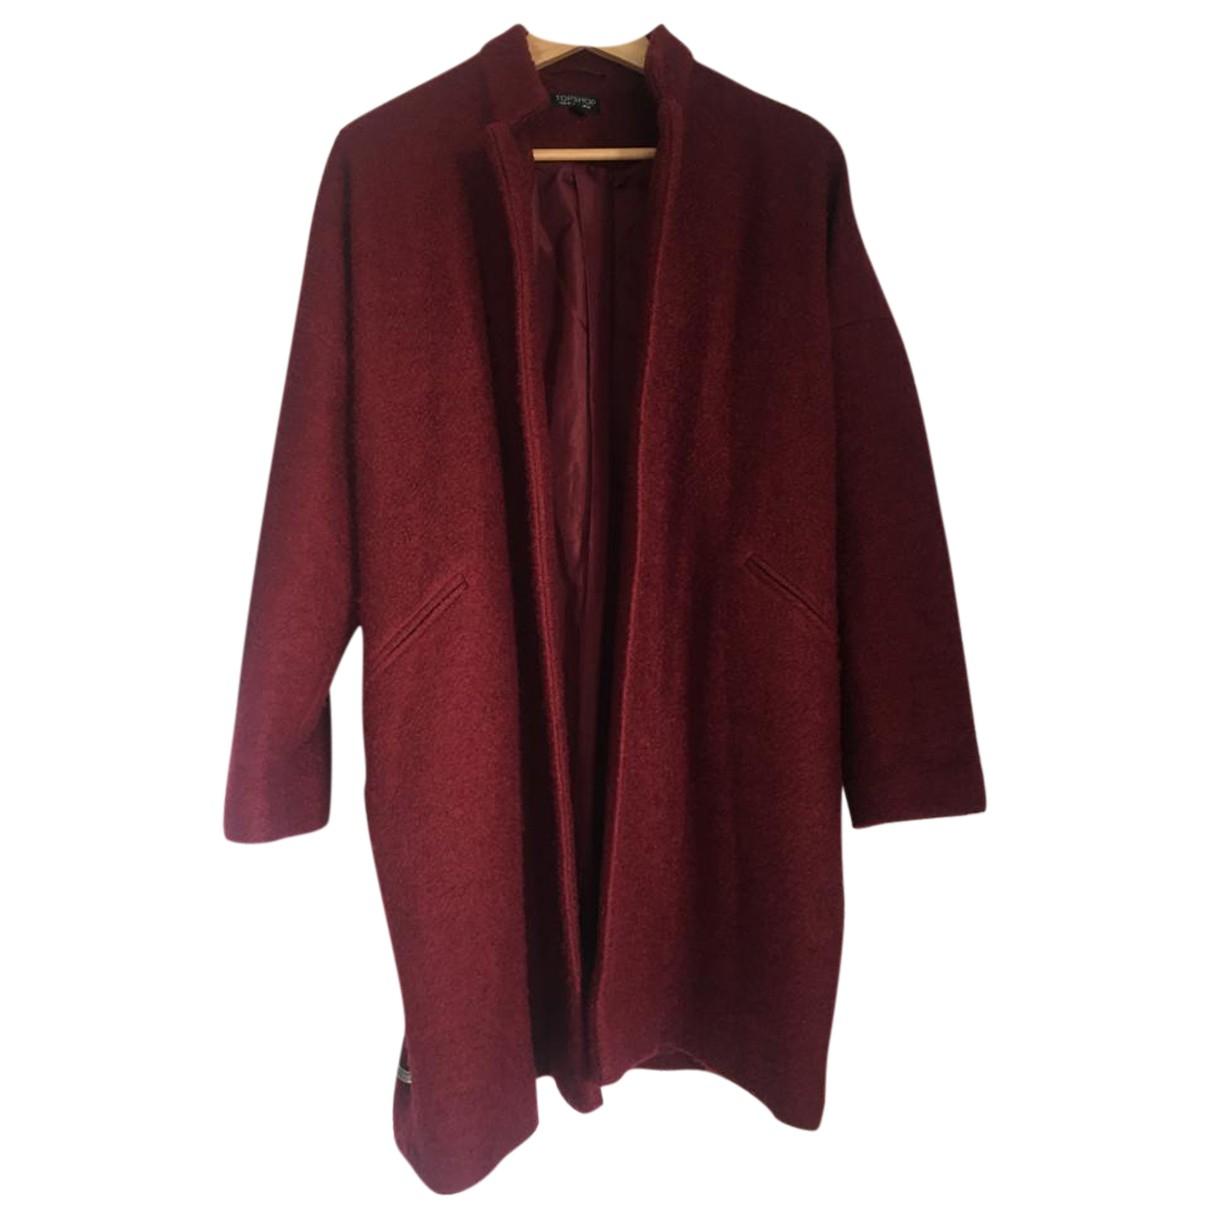 Topshop - Manteau   pour femme - bordeaux